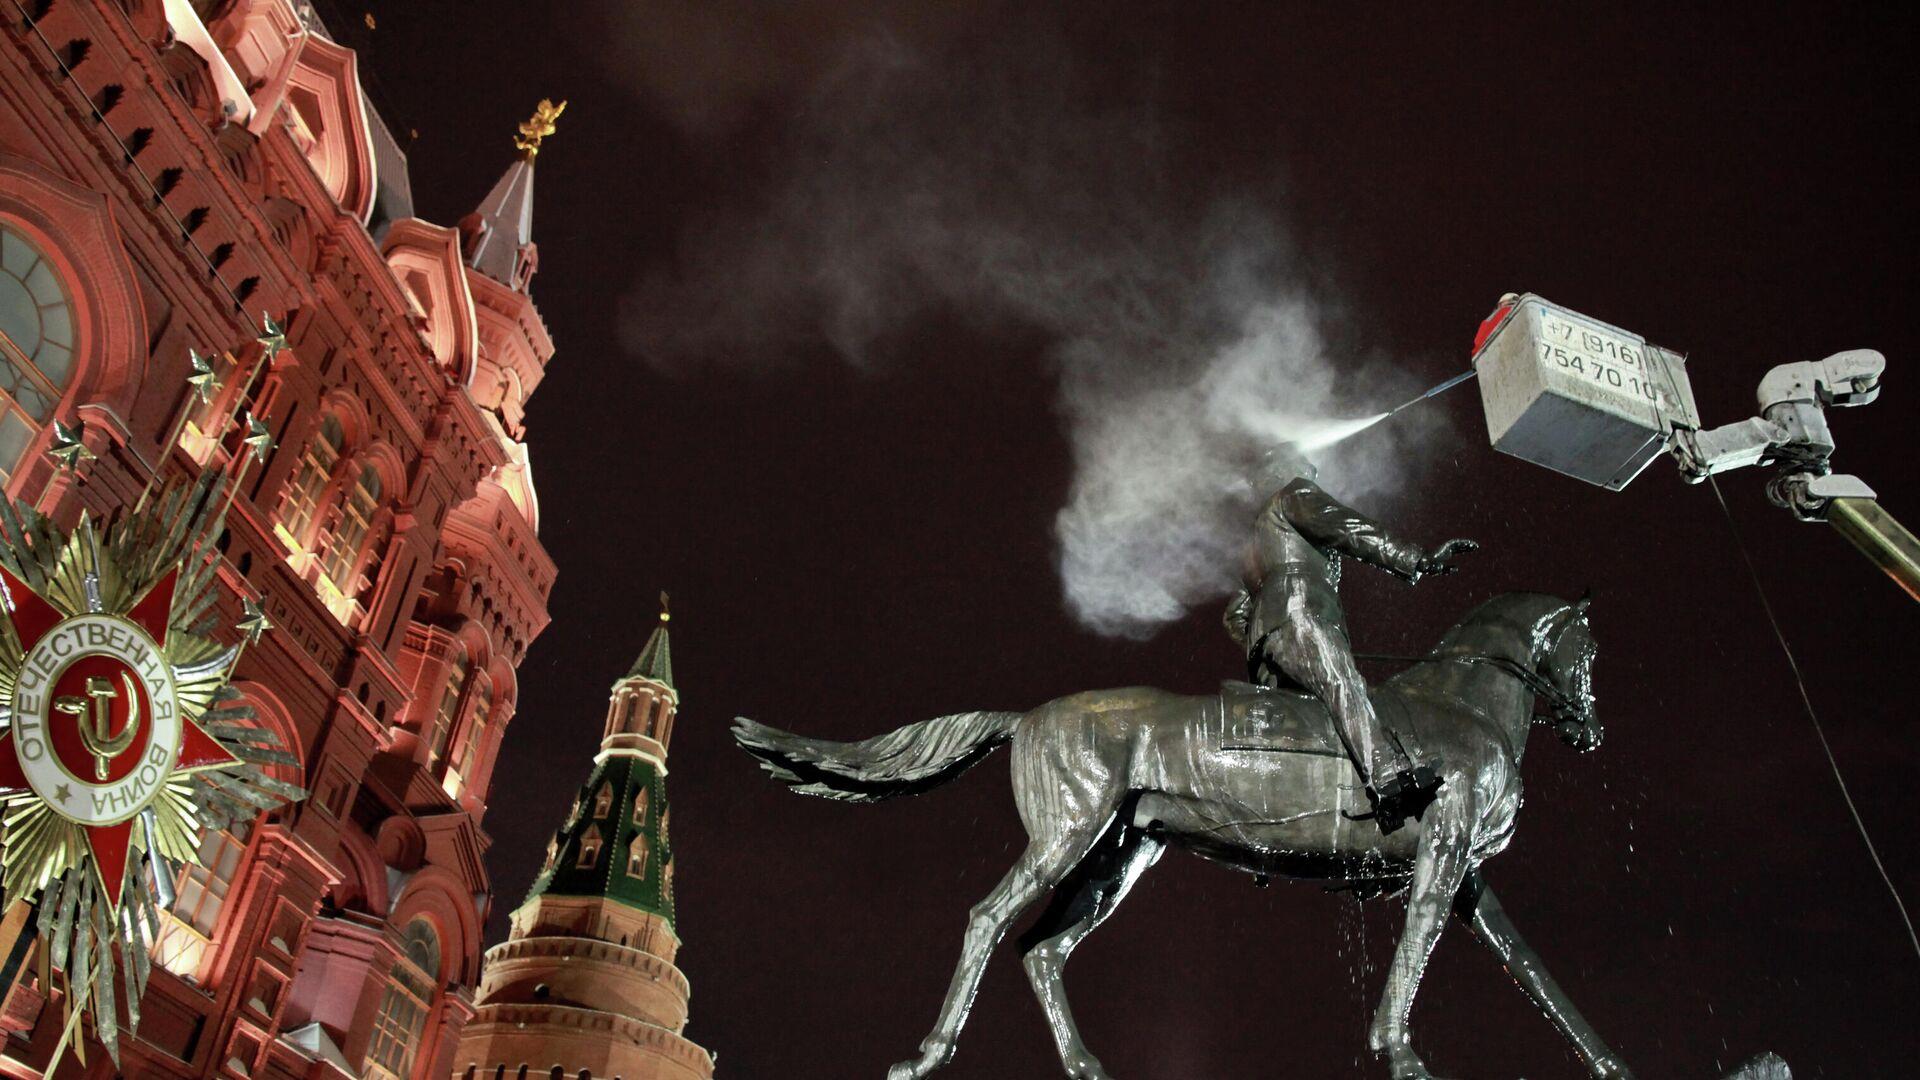 Памятник Г.К.Жукову помыли в Москве - РИА Новости, 1920, 09.04.2021